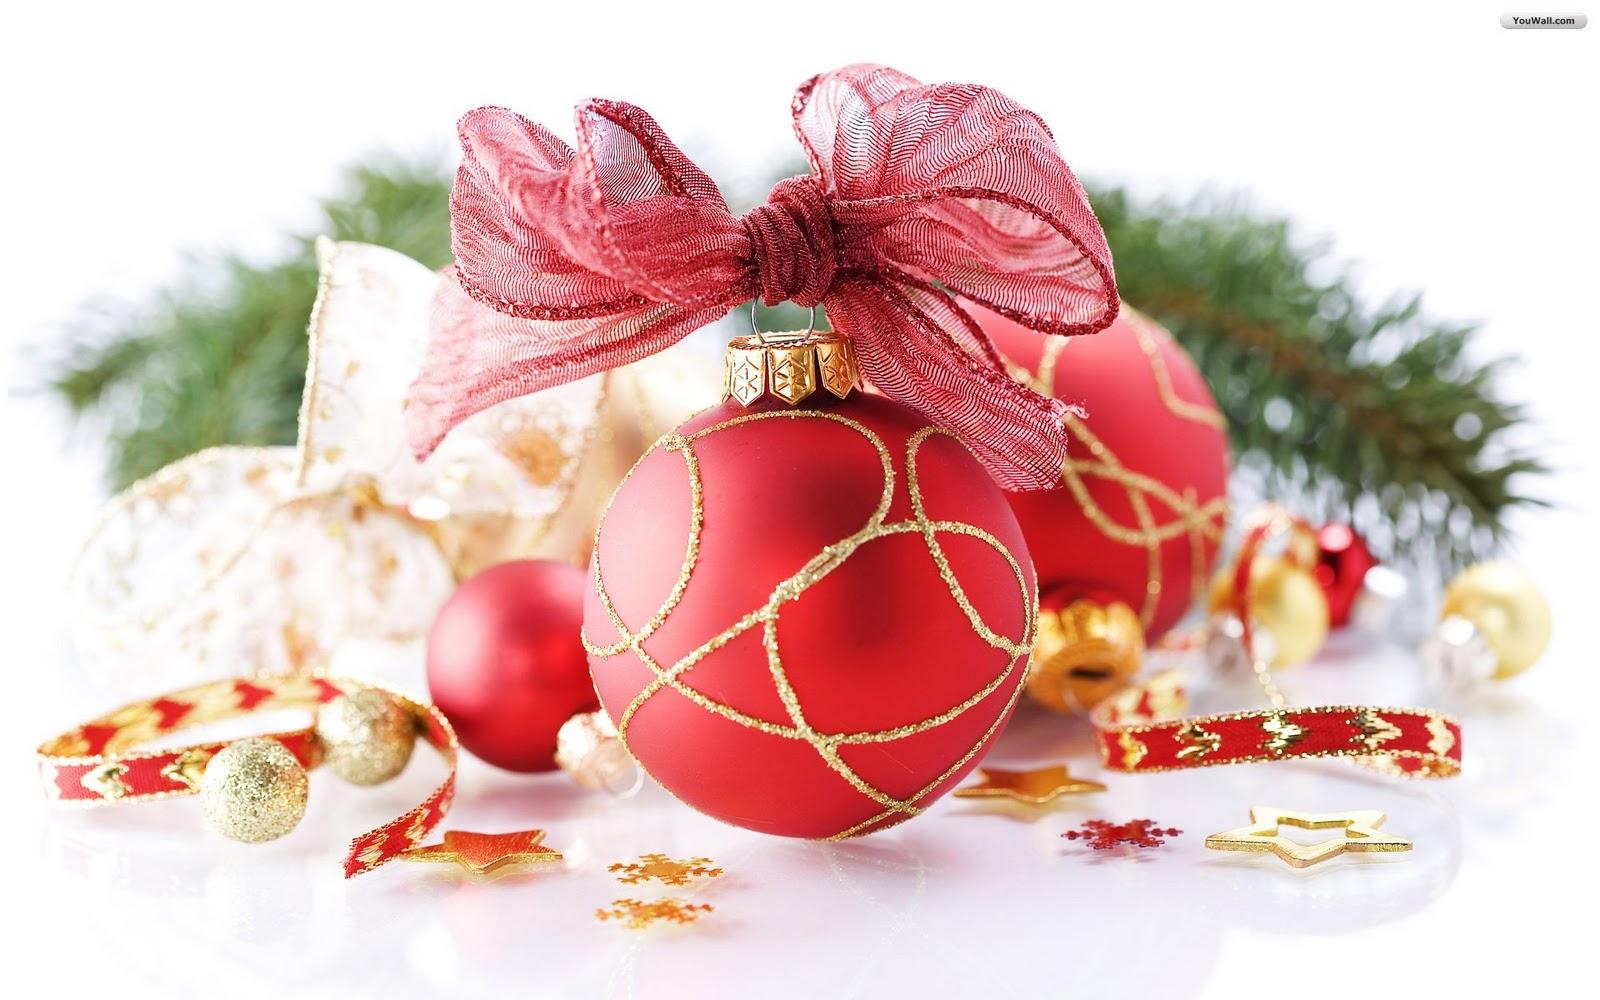 http://1.bp.blogspot.com/-XUb5g58mAYo/UMxlBQz6TsI/AAAAAAAAHQY/06iUuhrQJNo/s1600/free+animated+christmas+wallpapers2.jpg